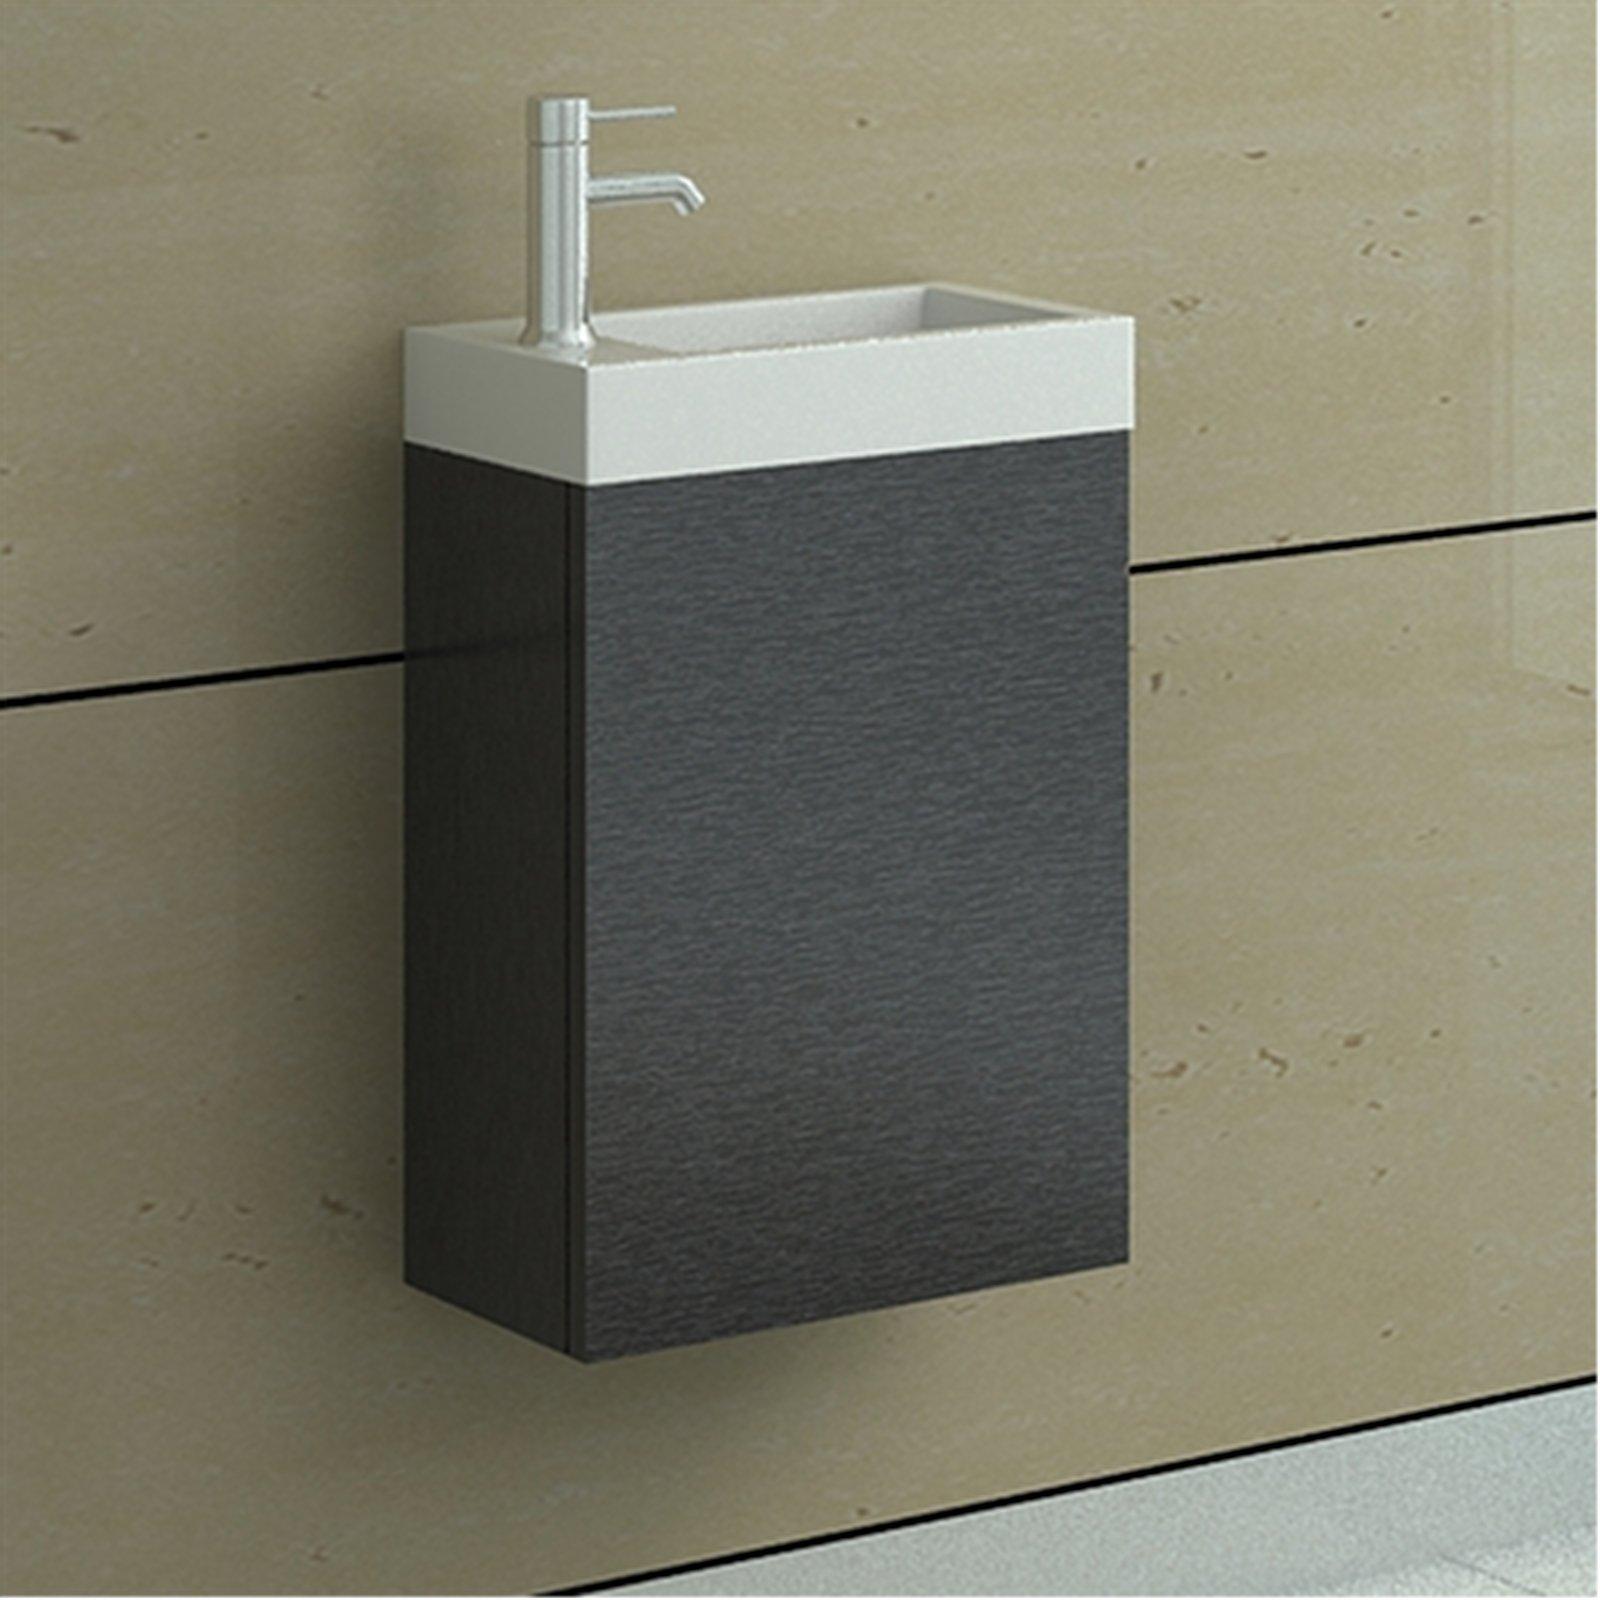 Modernes G Ste Wc mini waschbecken mit unterschrank mini waschplatzl sung f r g ste wc modernes design